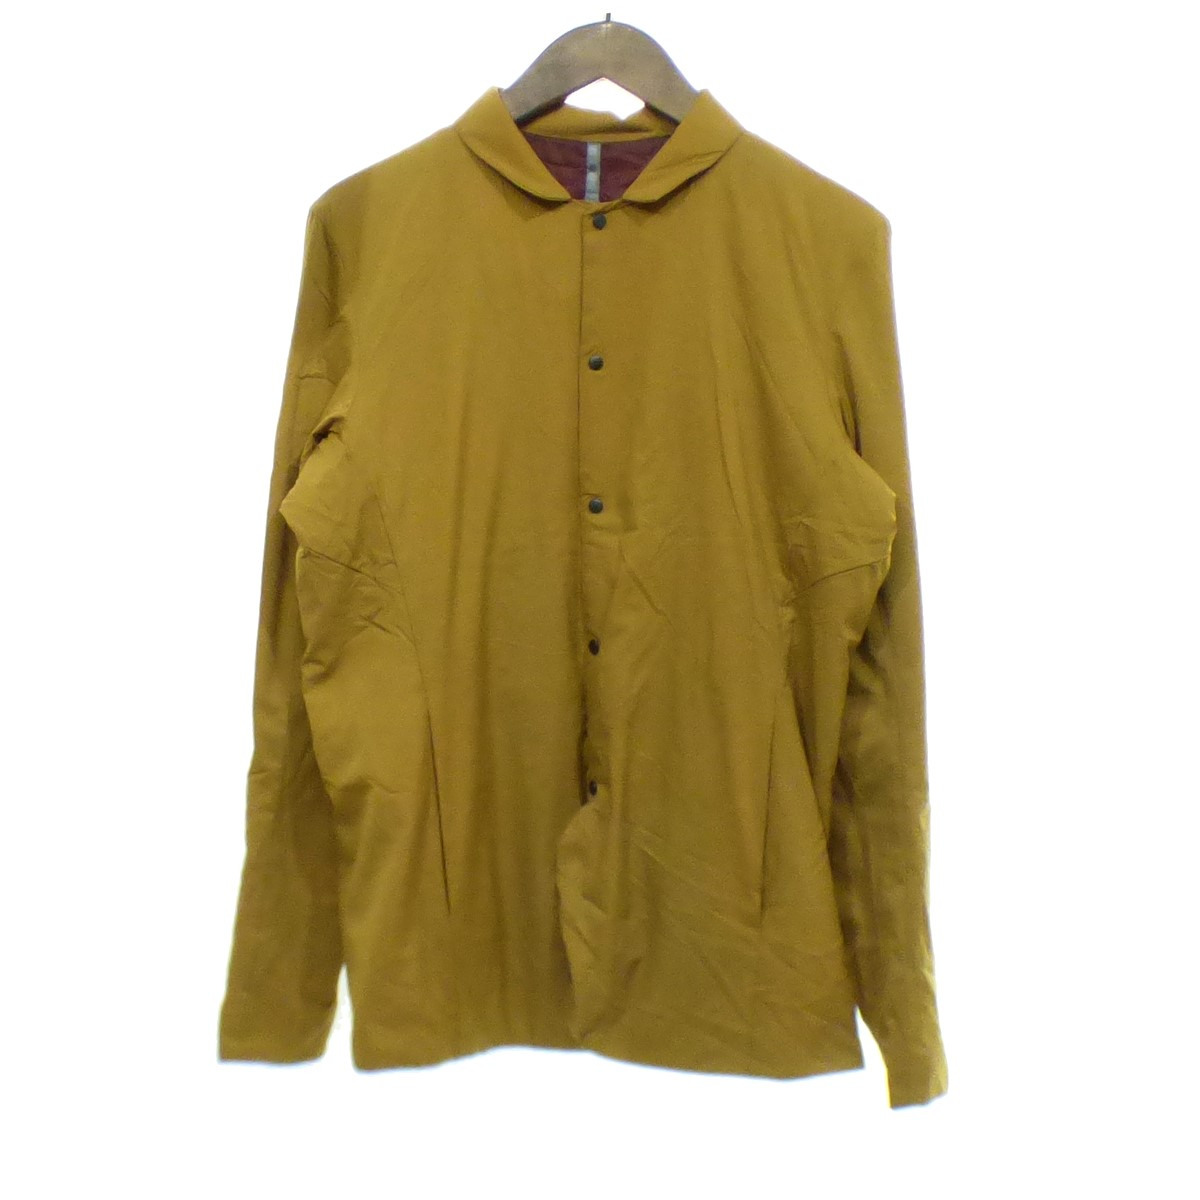 【中古】ARC'TERYX VEILANCE Mionn IS Blazer ジャケット マスタード サイズ:S 【200420】(アークテリクスヴェイランス)